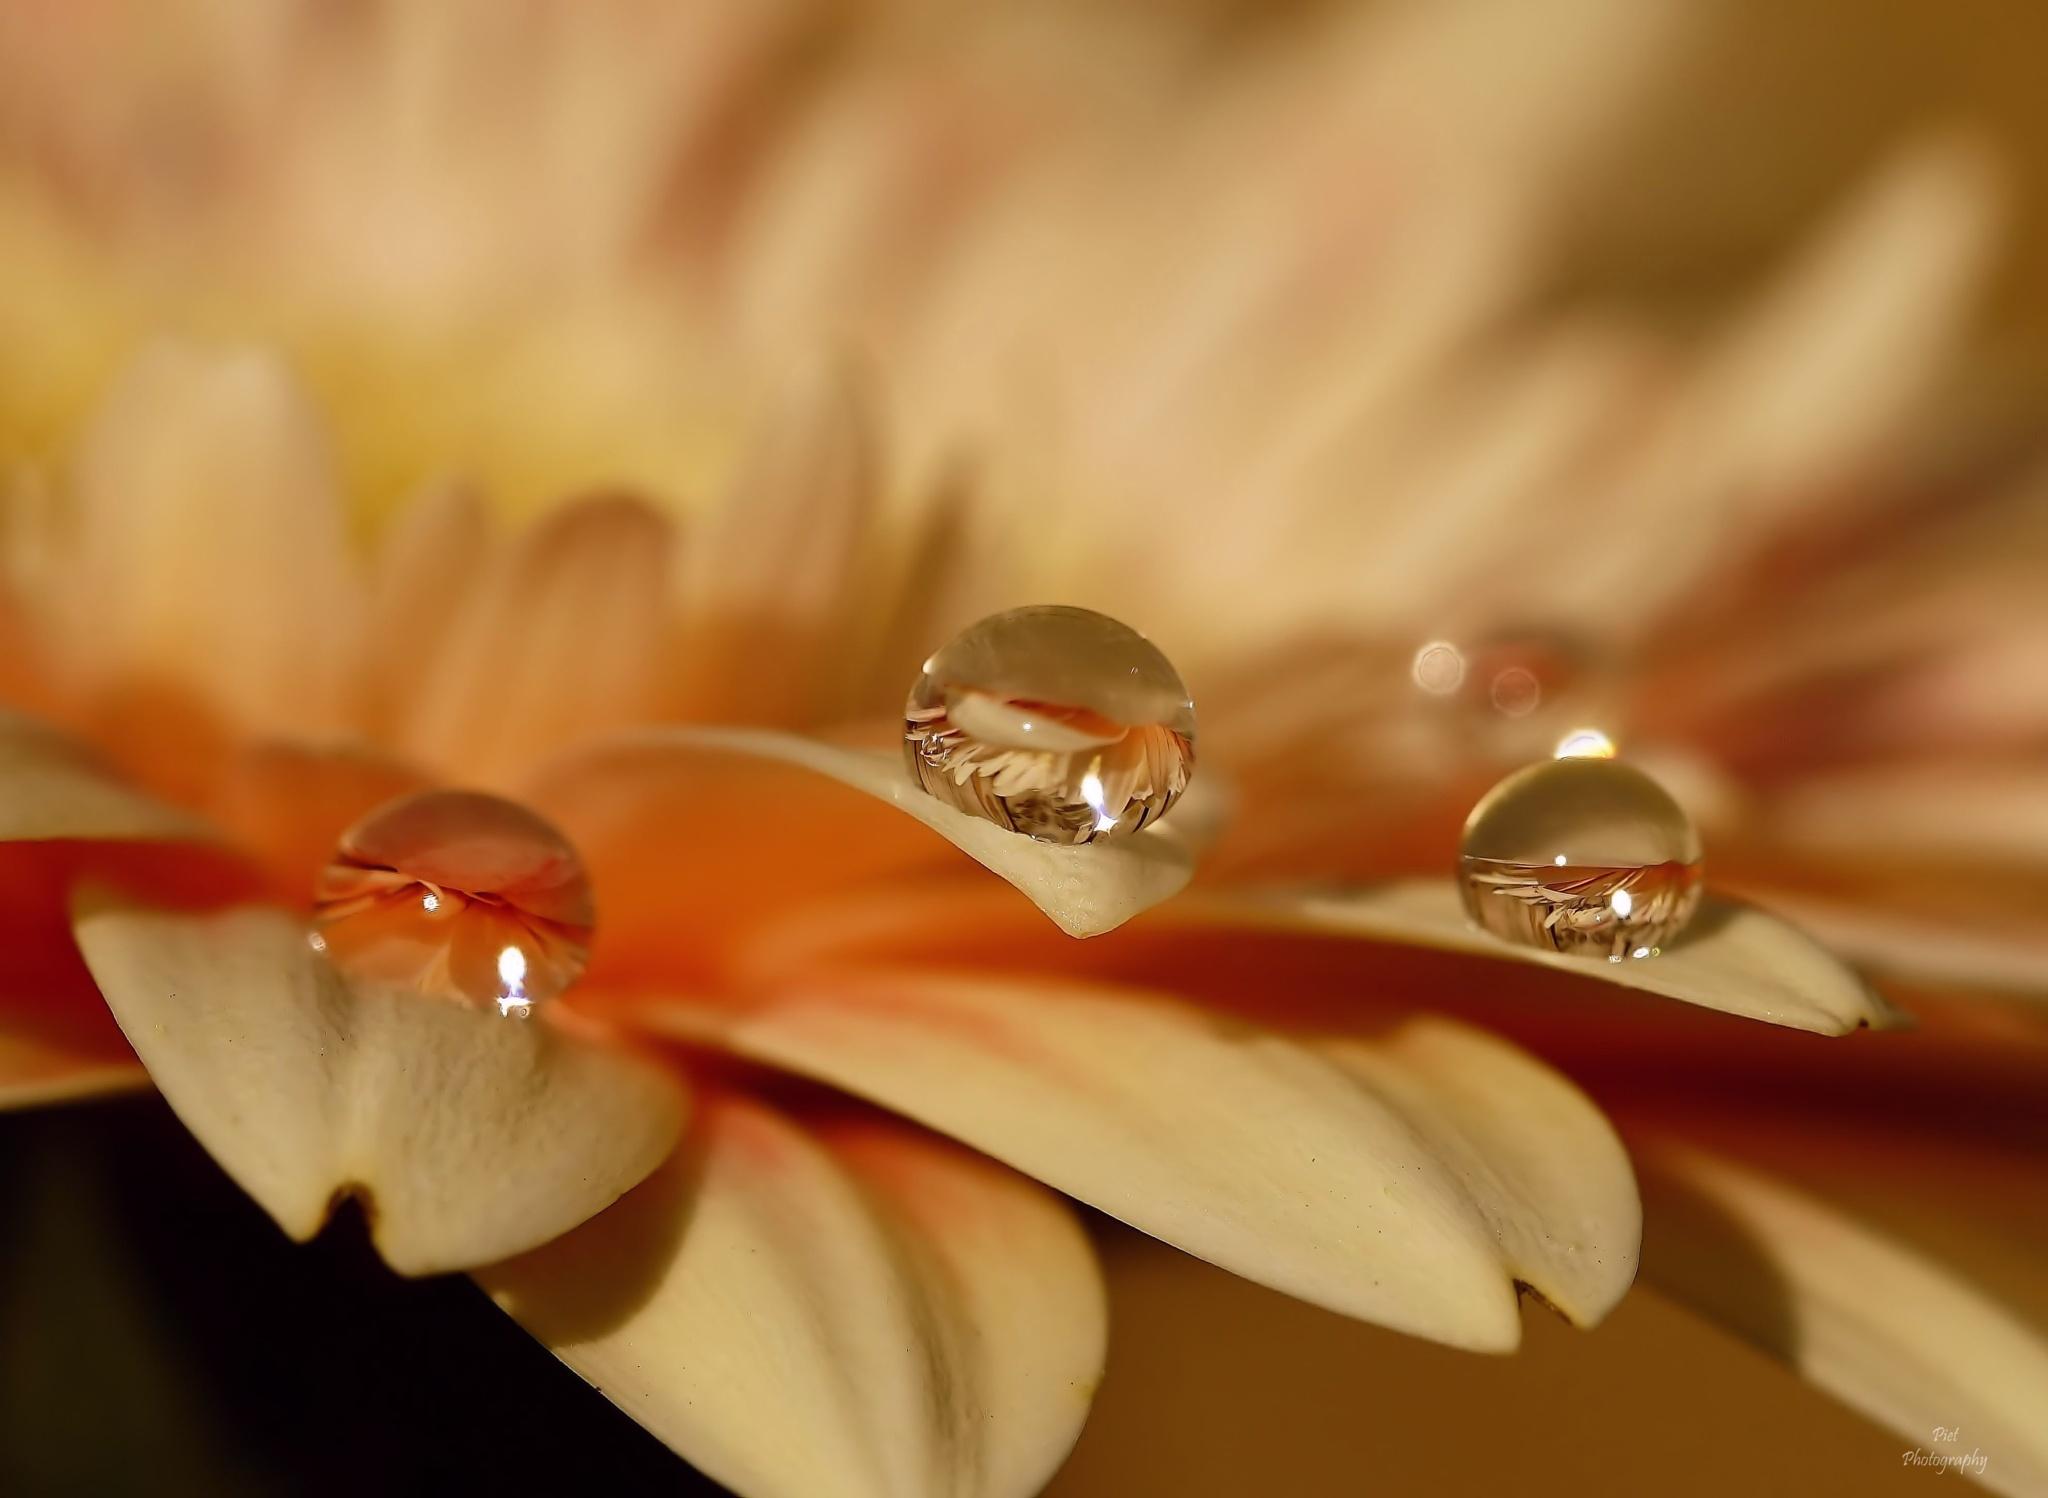 Drops... by PWaardenburg